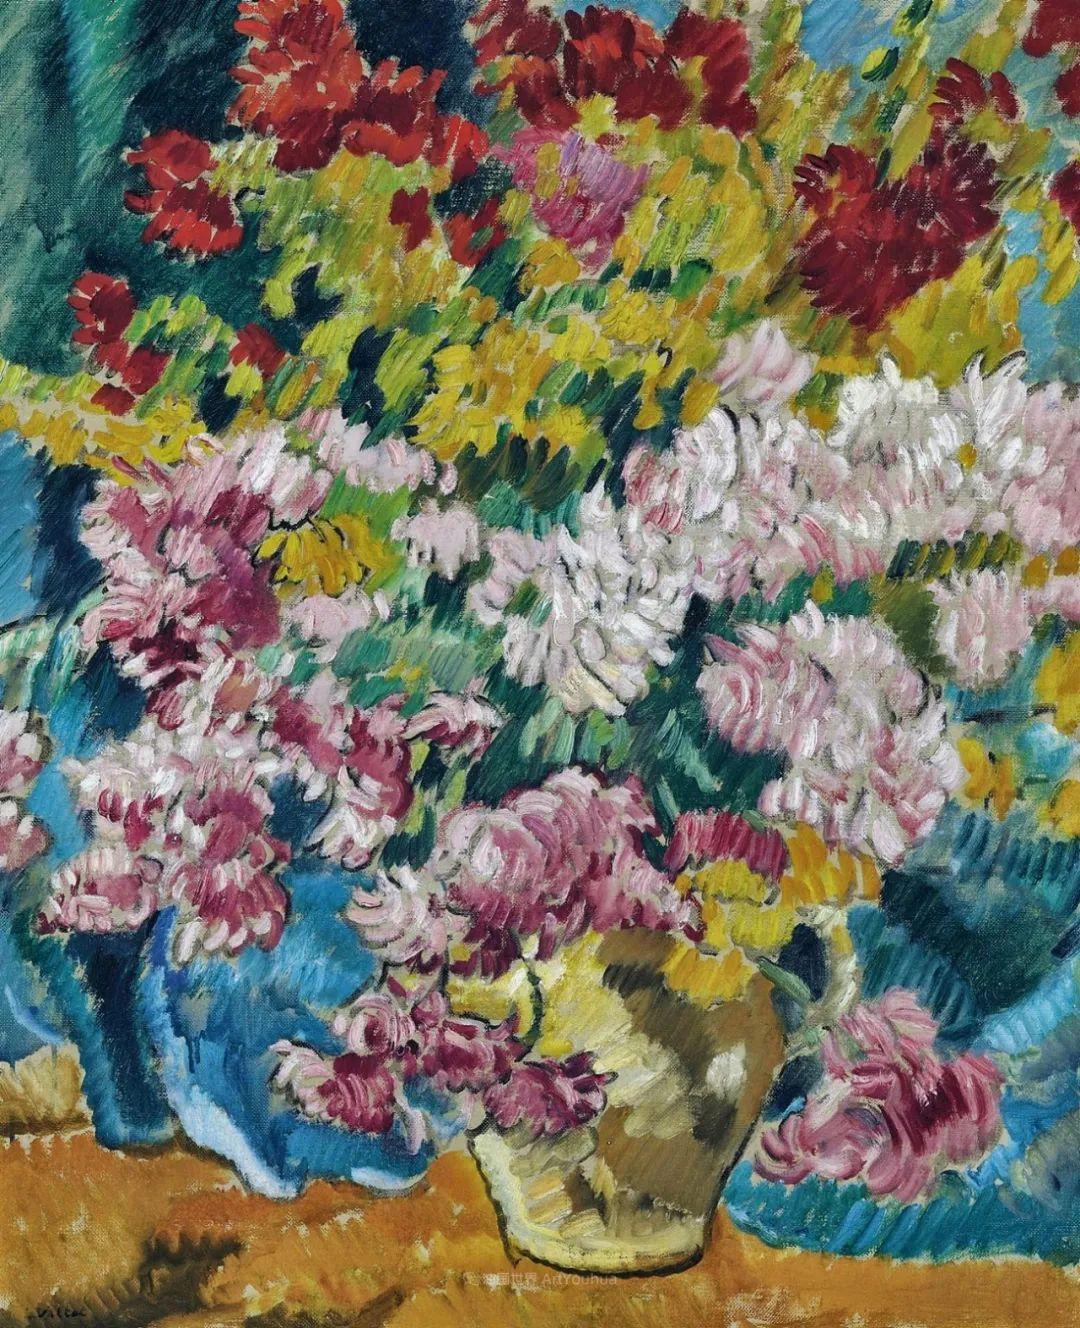 笔触粗犷,色彩令人陶醉,高清花卉作品插图27